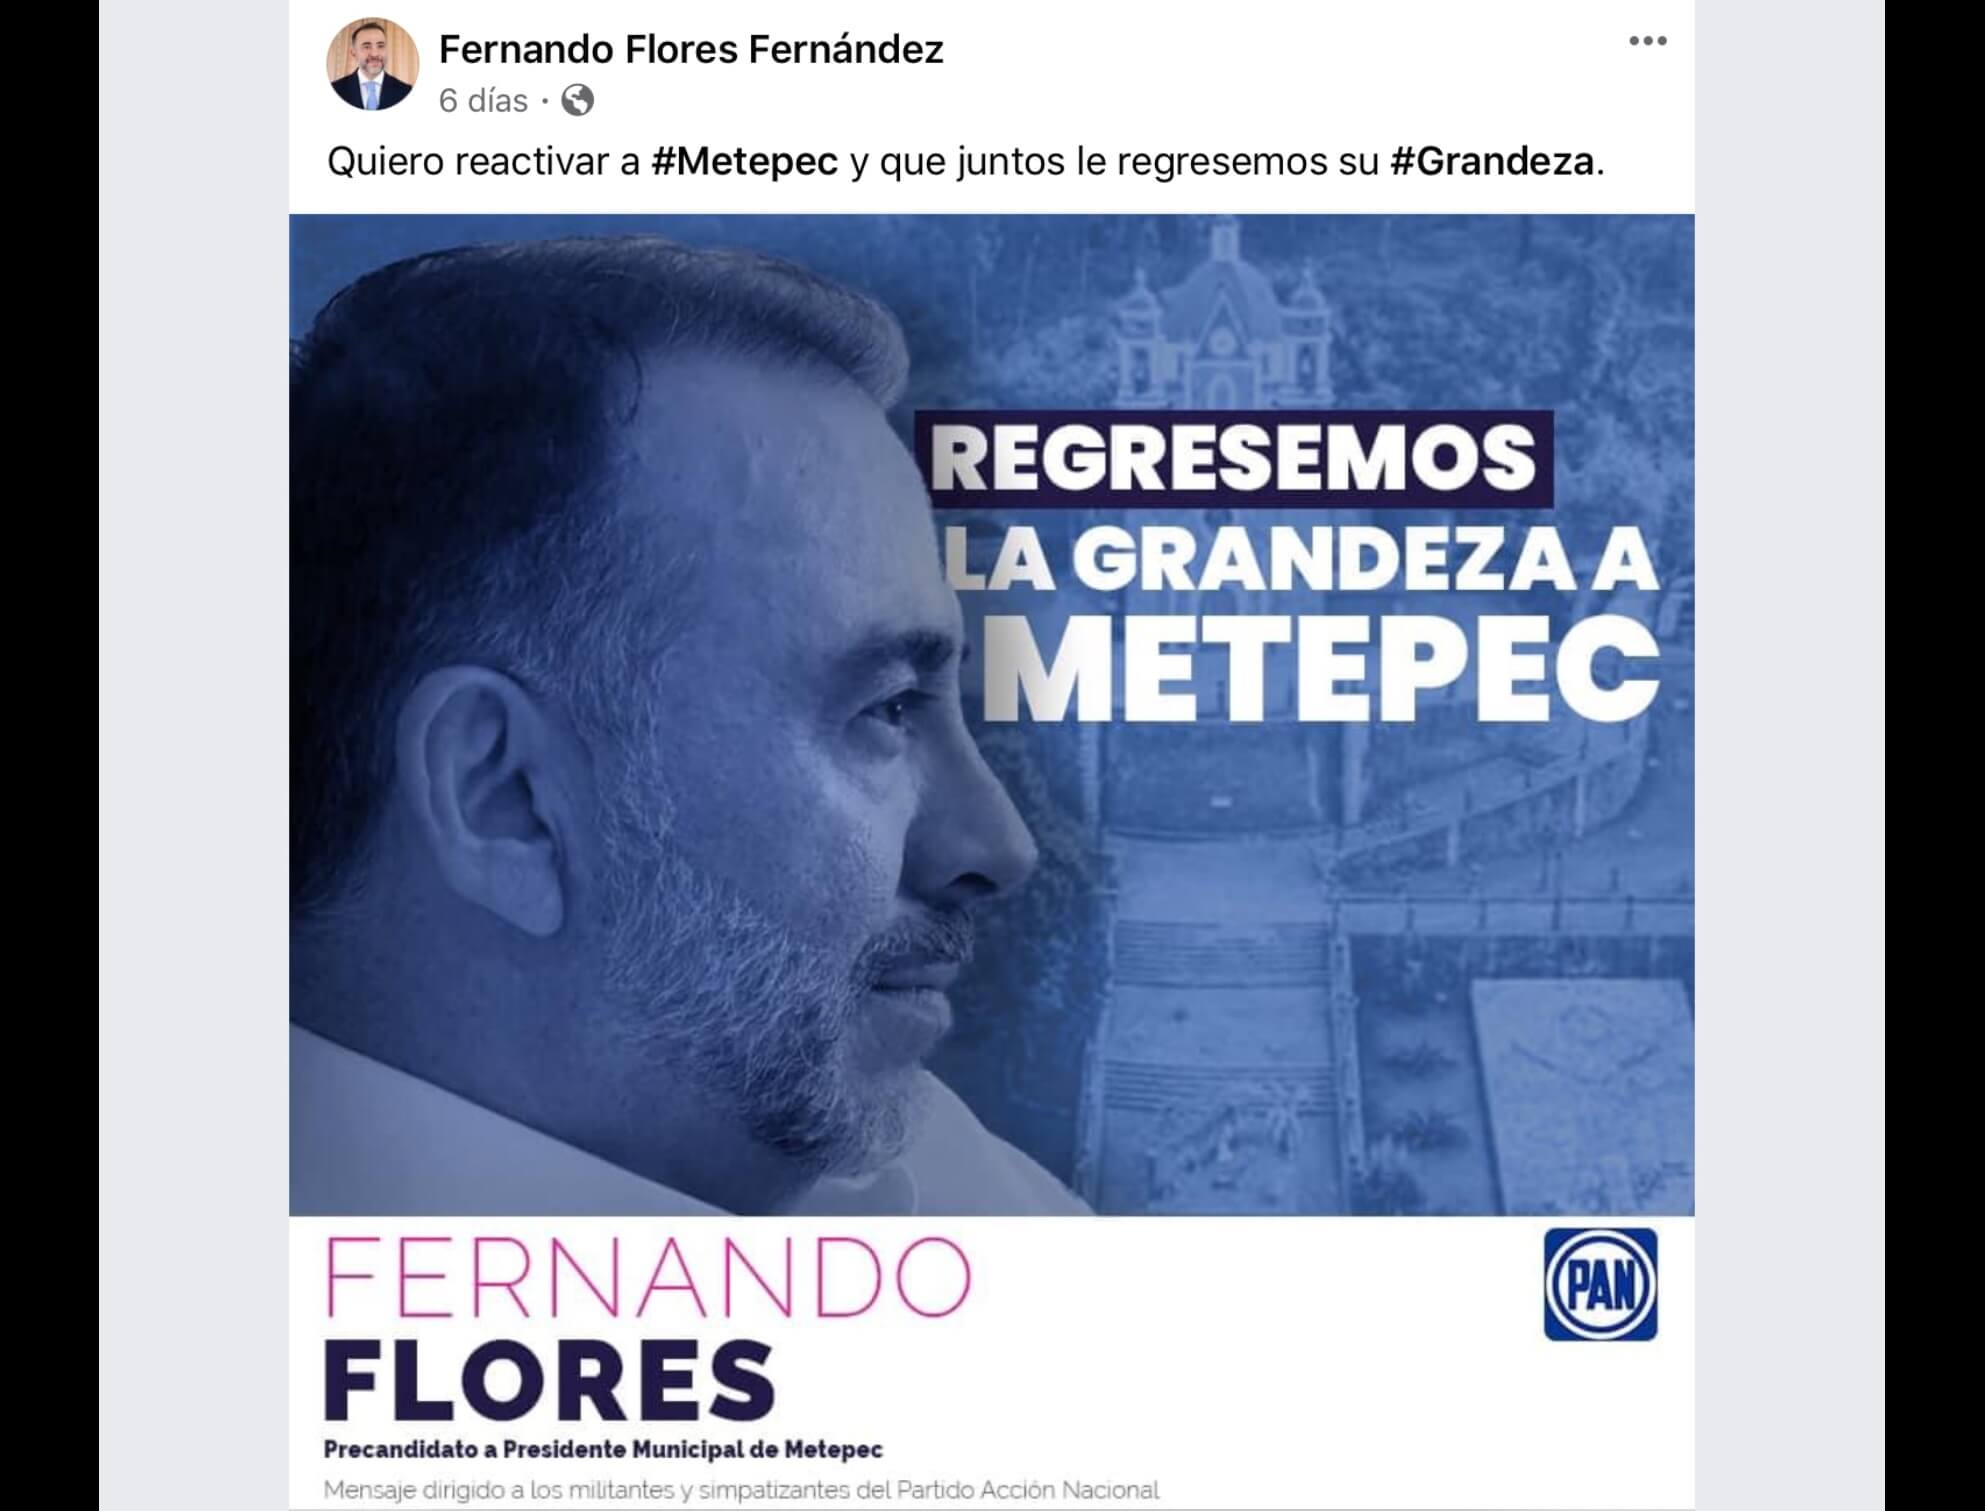 Fernando Flores violó la Ley pero no fue grave: TEEM